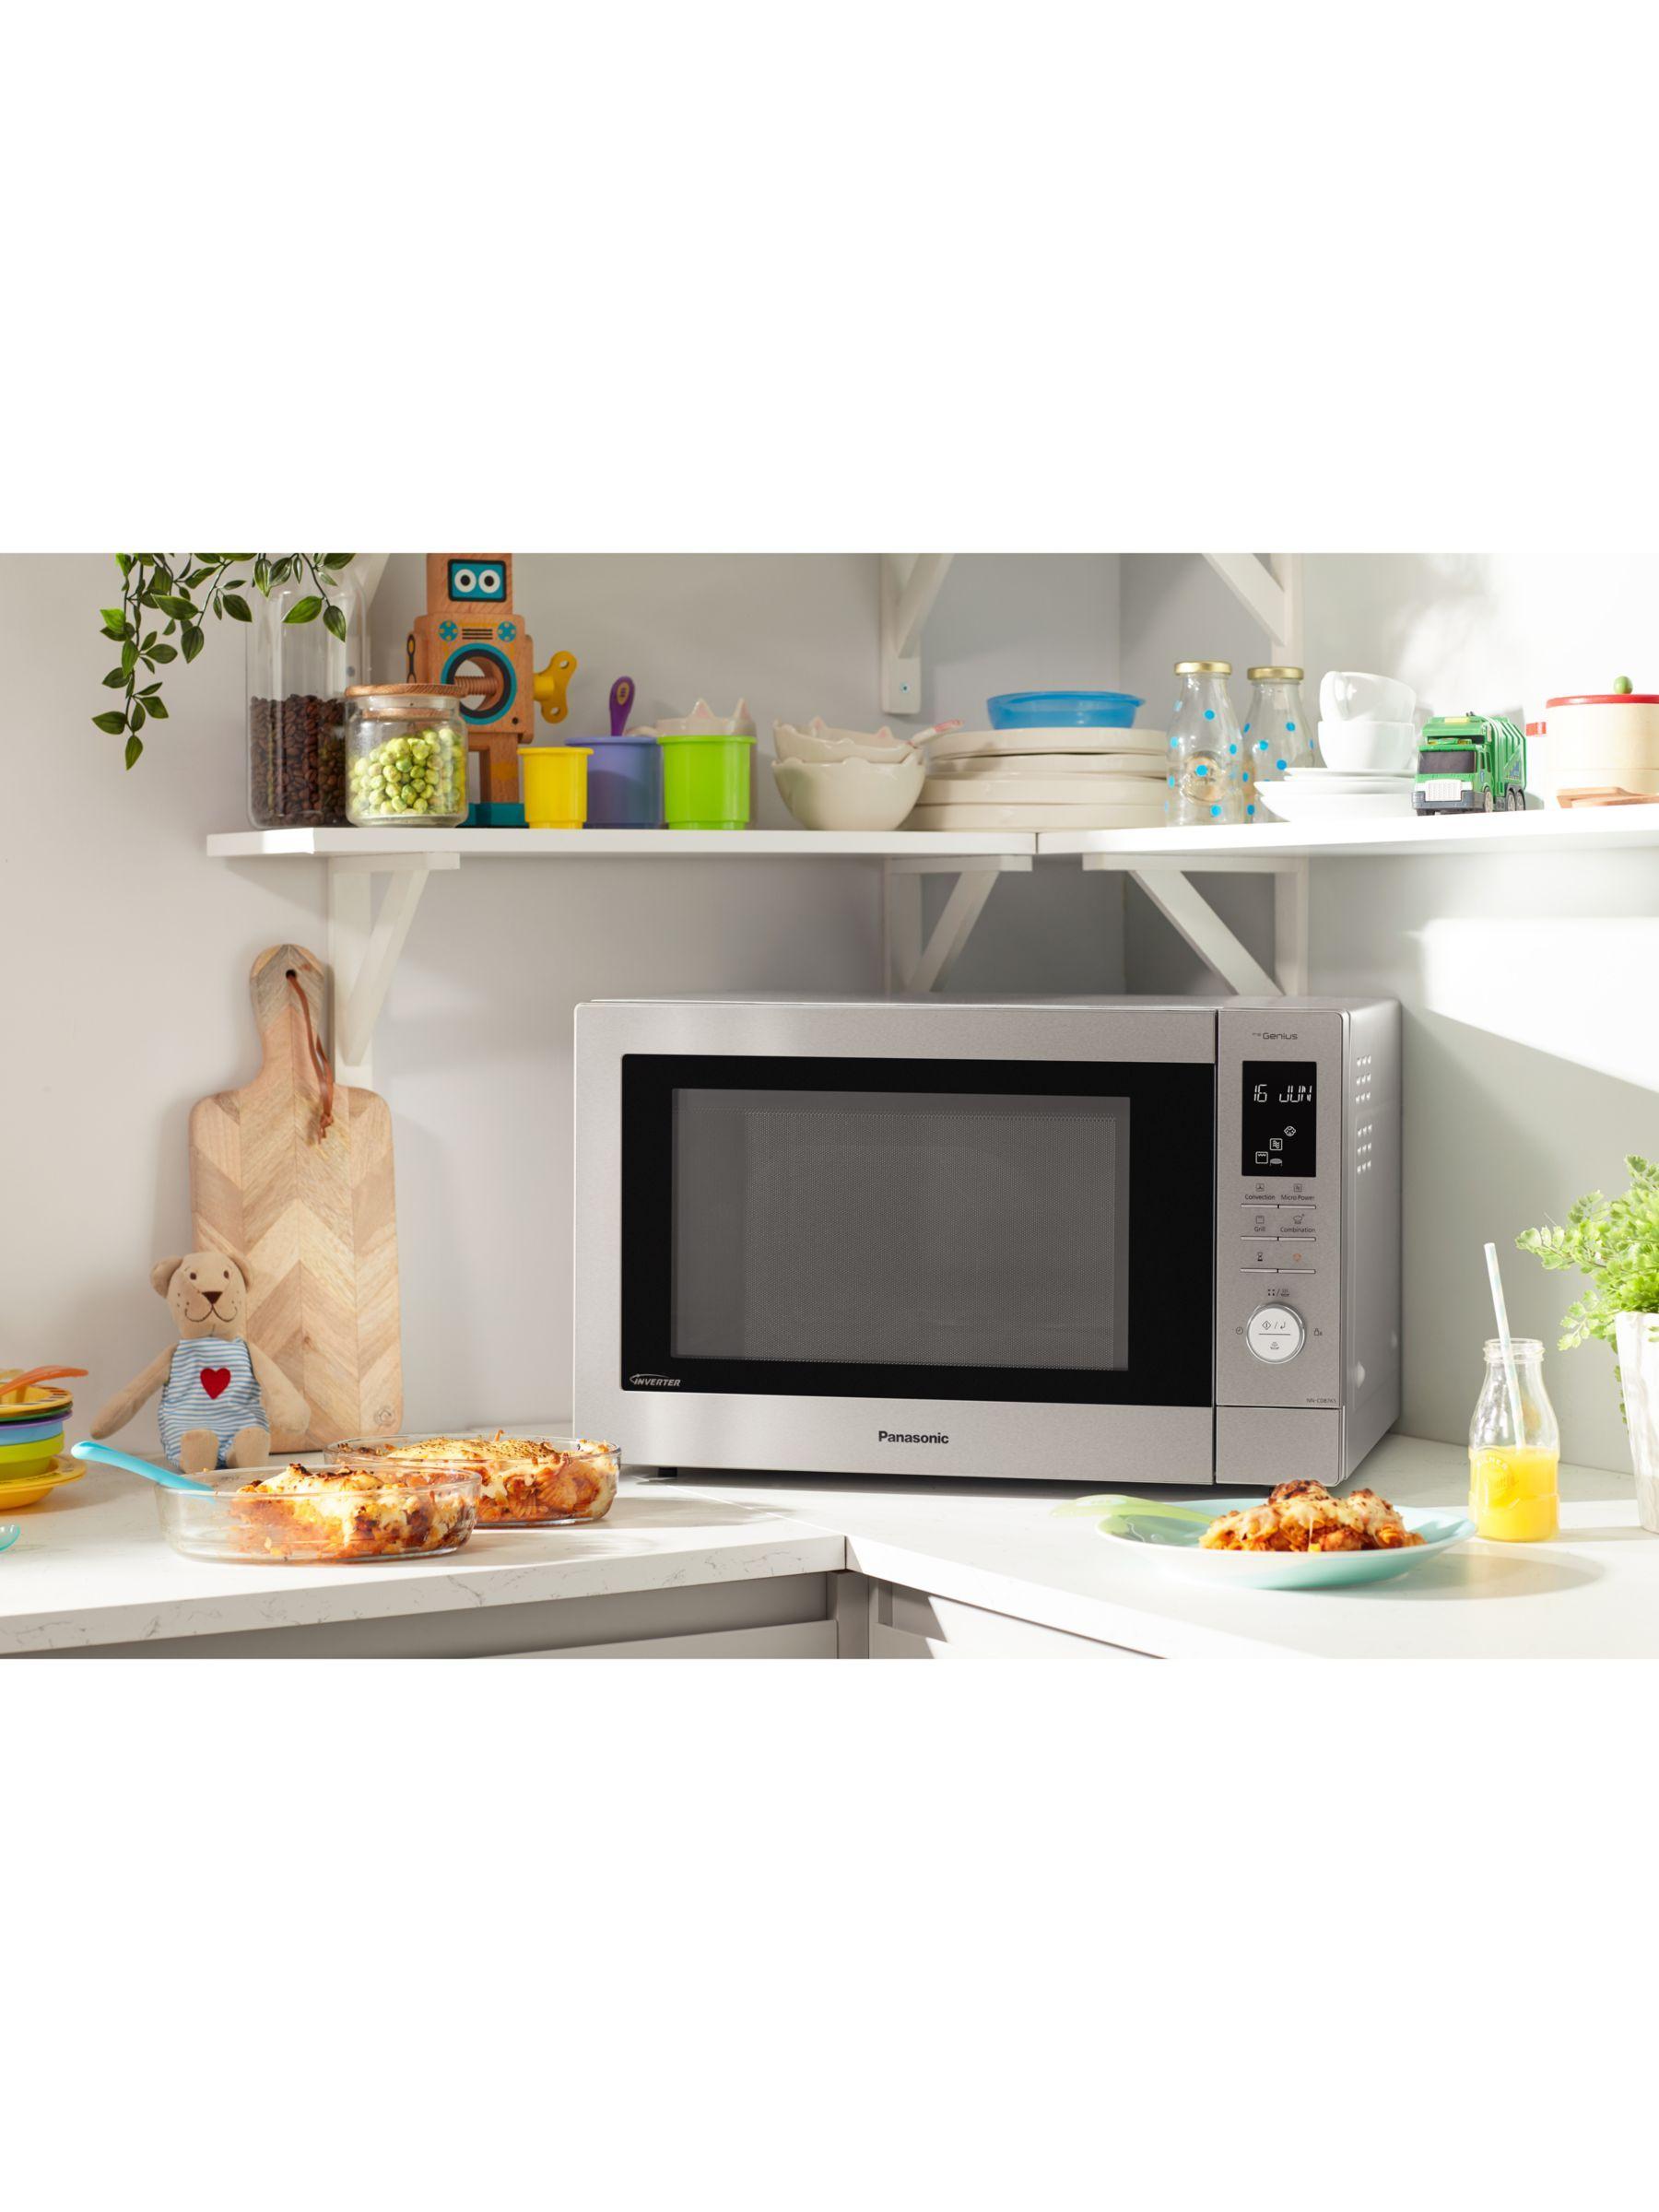 Slimline Microwave Ovensbestmicrowave